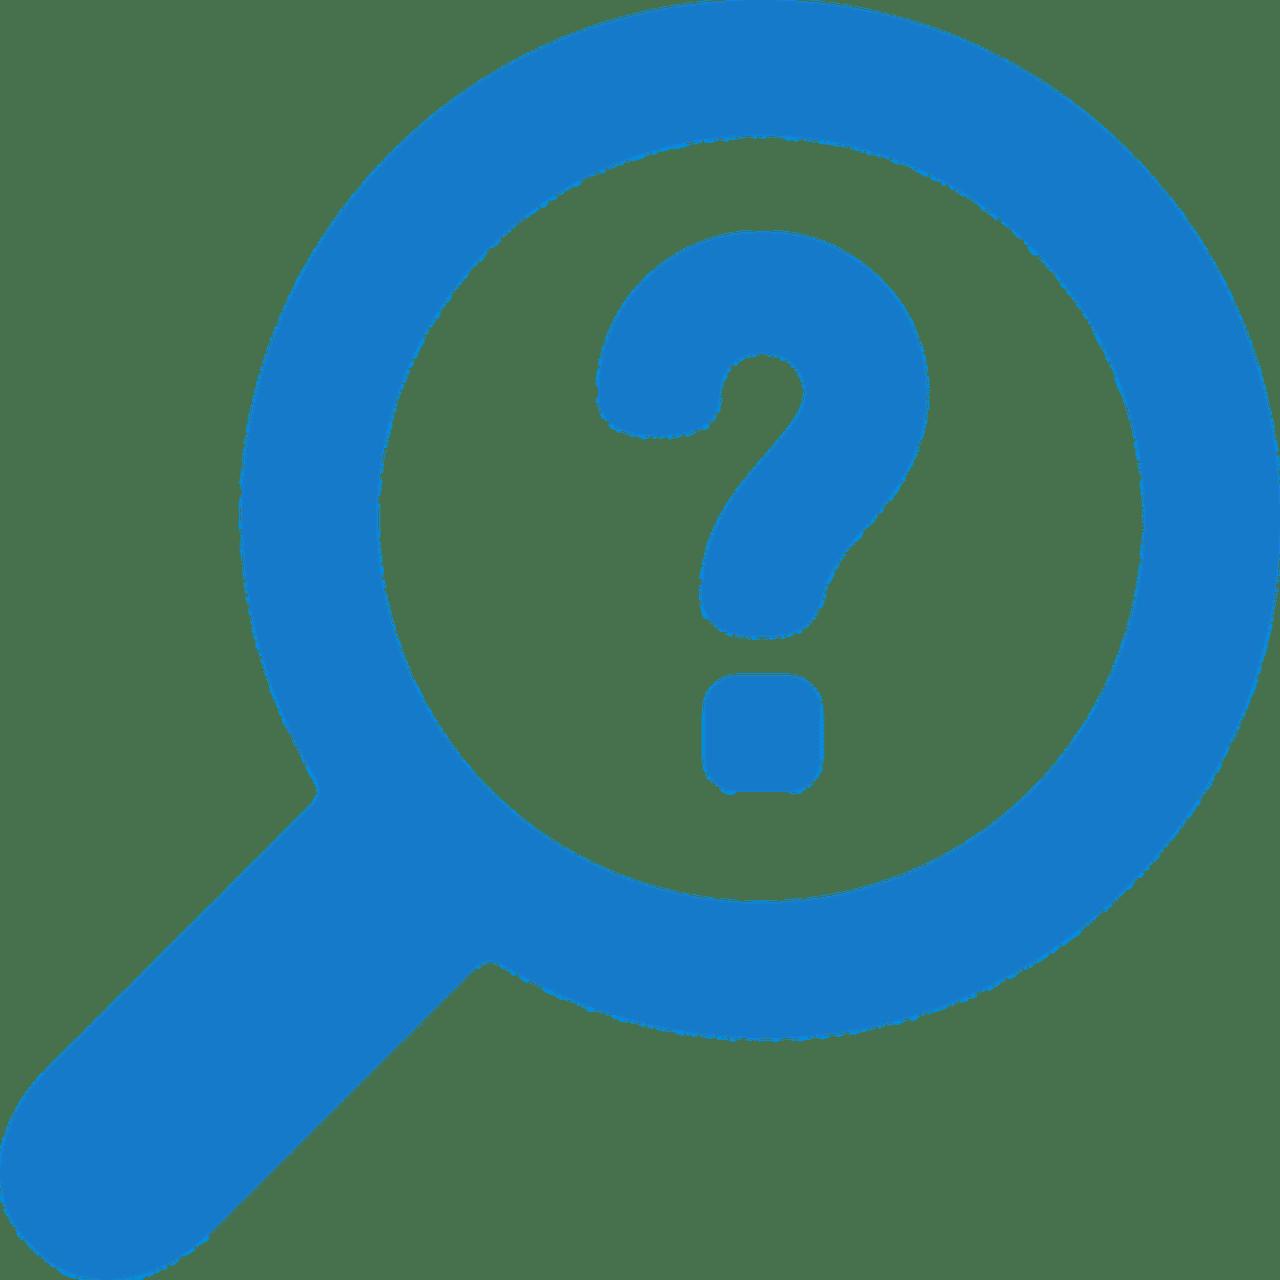 opinião assinatura ilimitada estrategia concursos